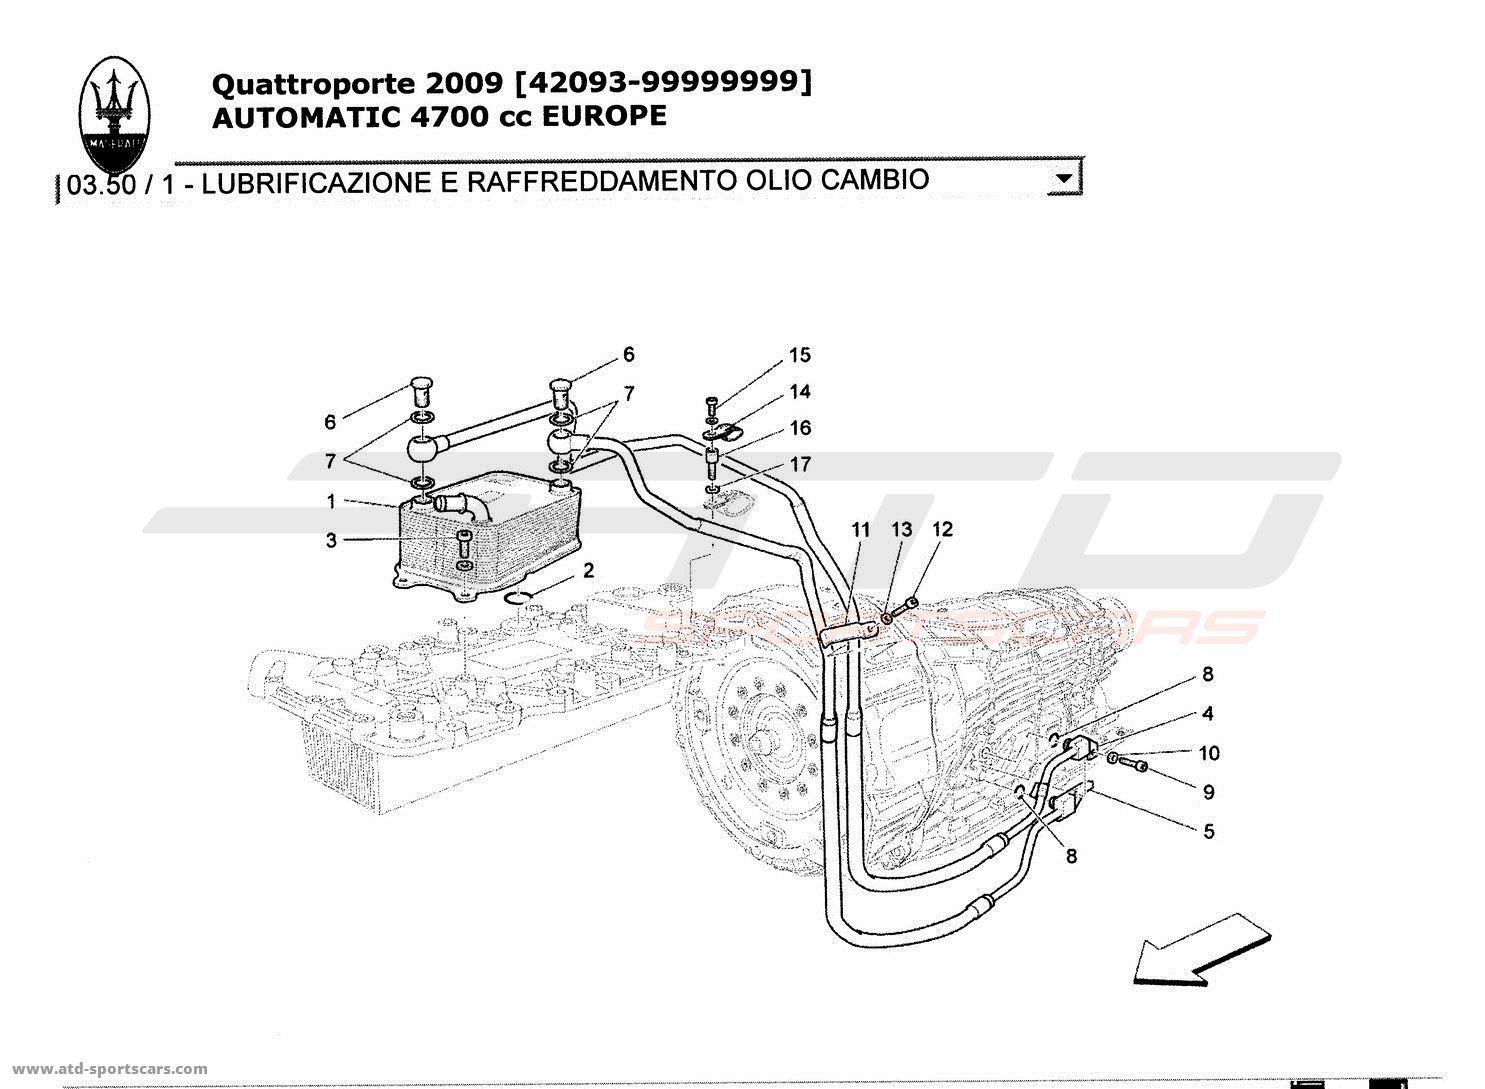 Maserati Quattroporte 4,7L Boite Auto 2009 Gearbox